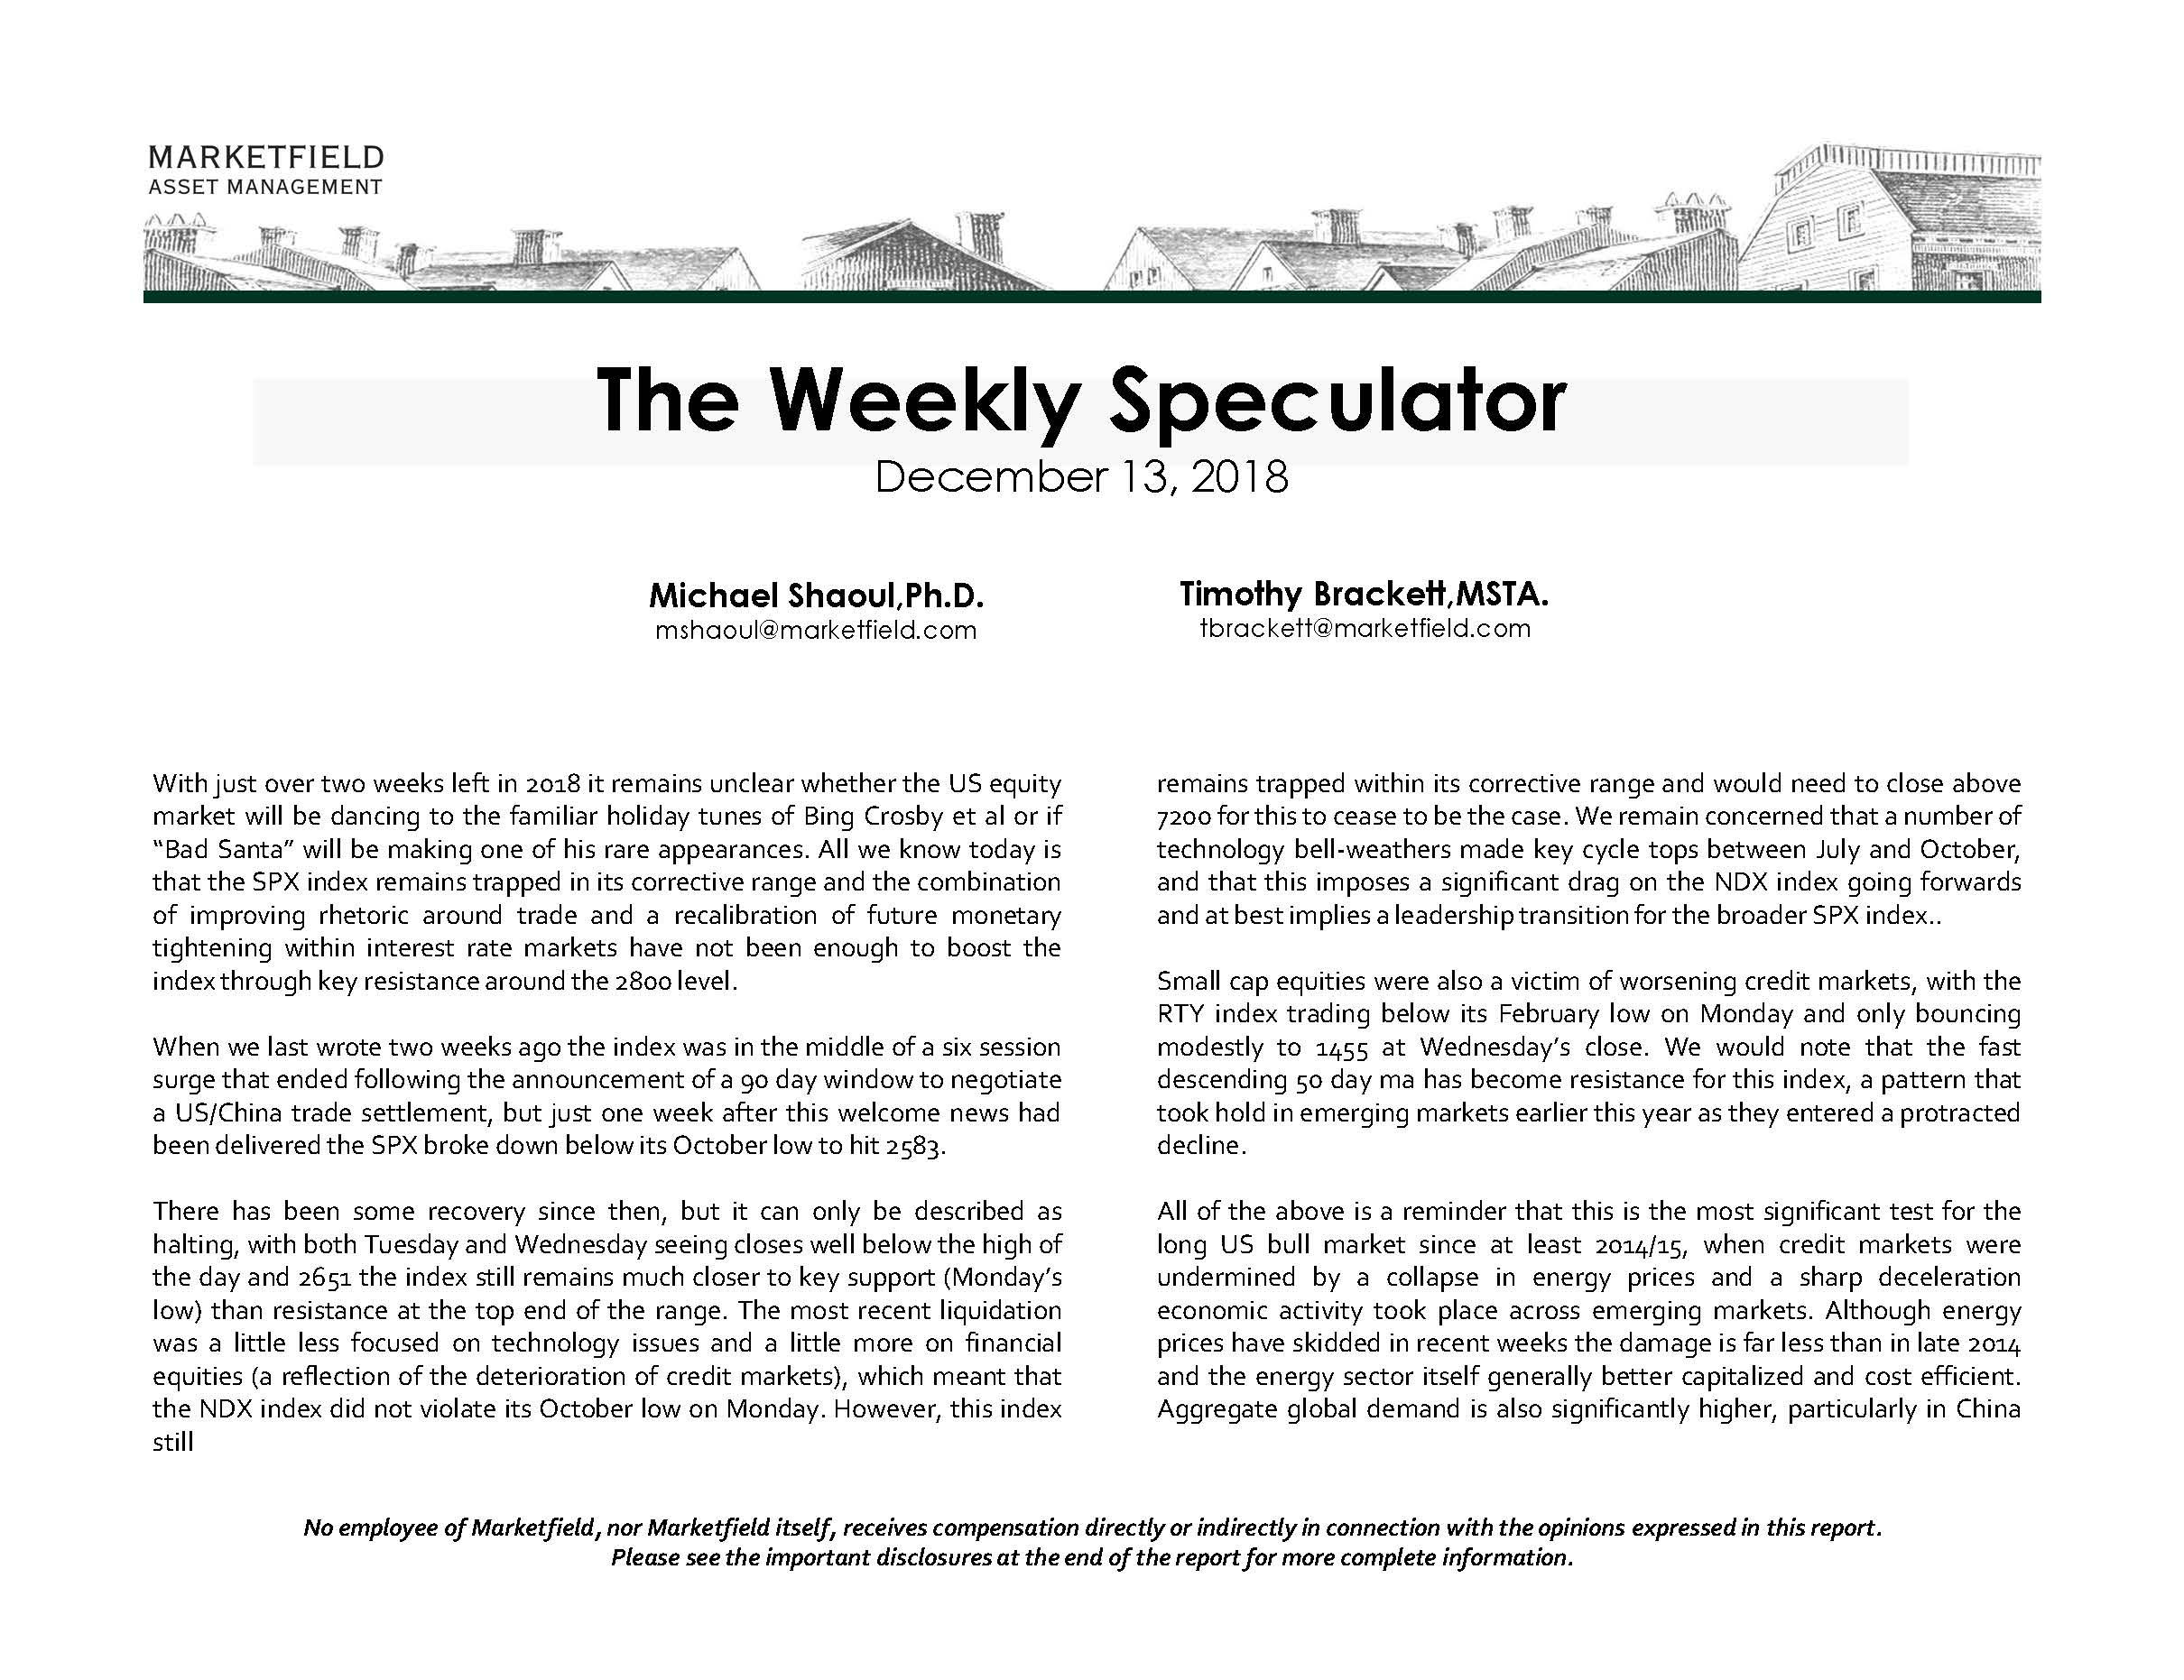 12-13-18_WeeklySpeculator_Page_01.jpg